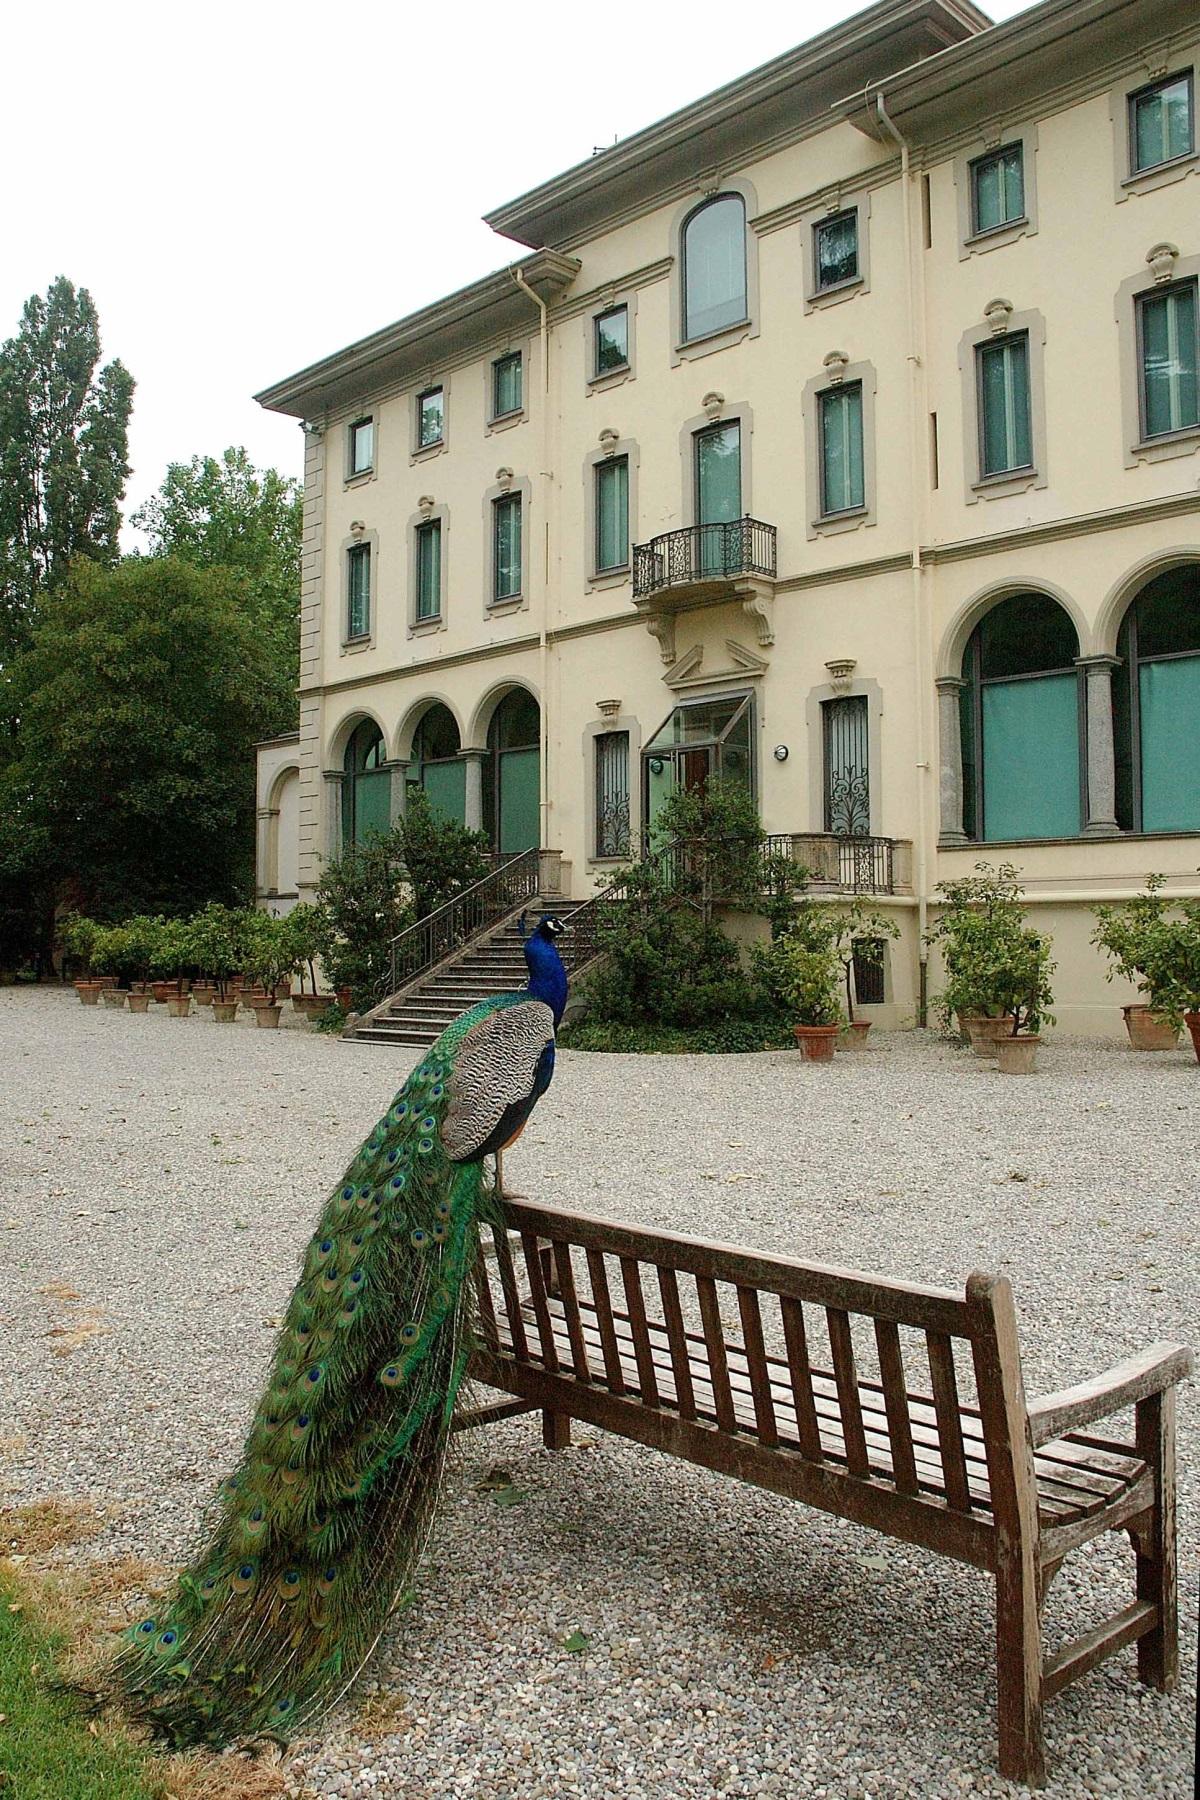 Fondazione Magnani Rocca - La Villa dei Capolavori, MyTemplArt Magazine